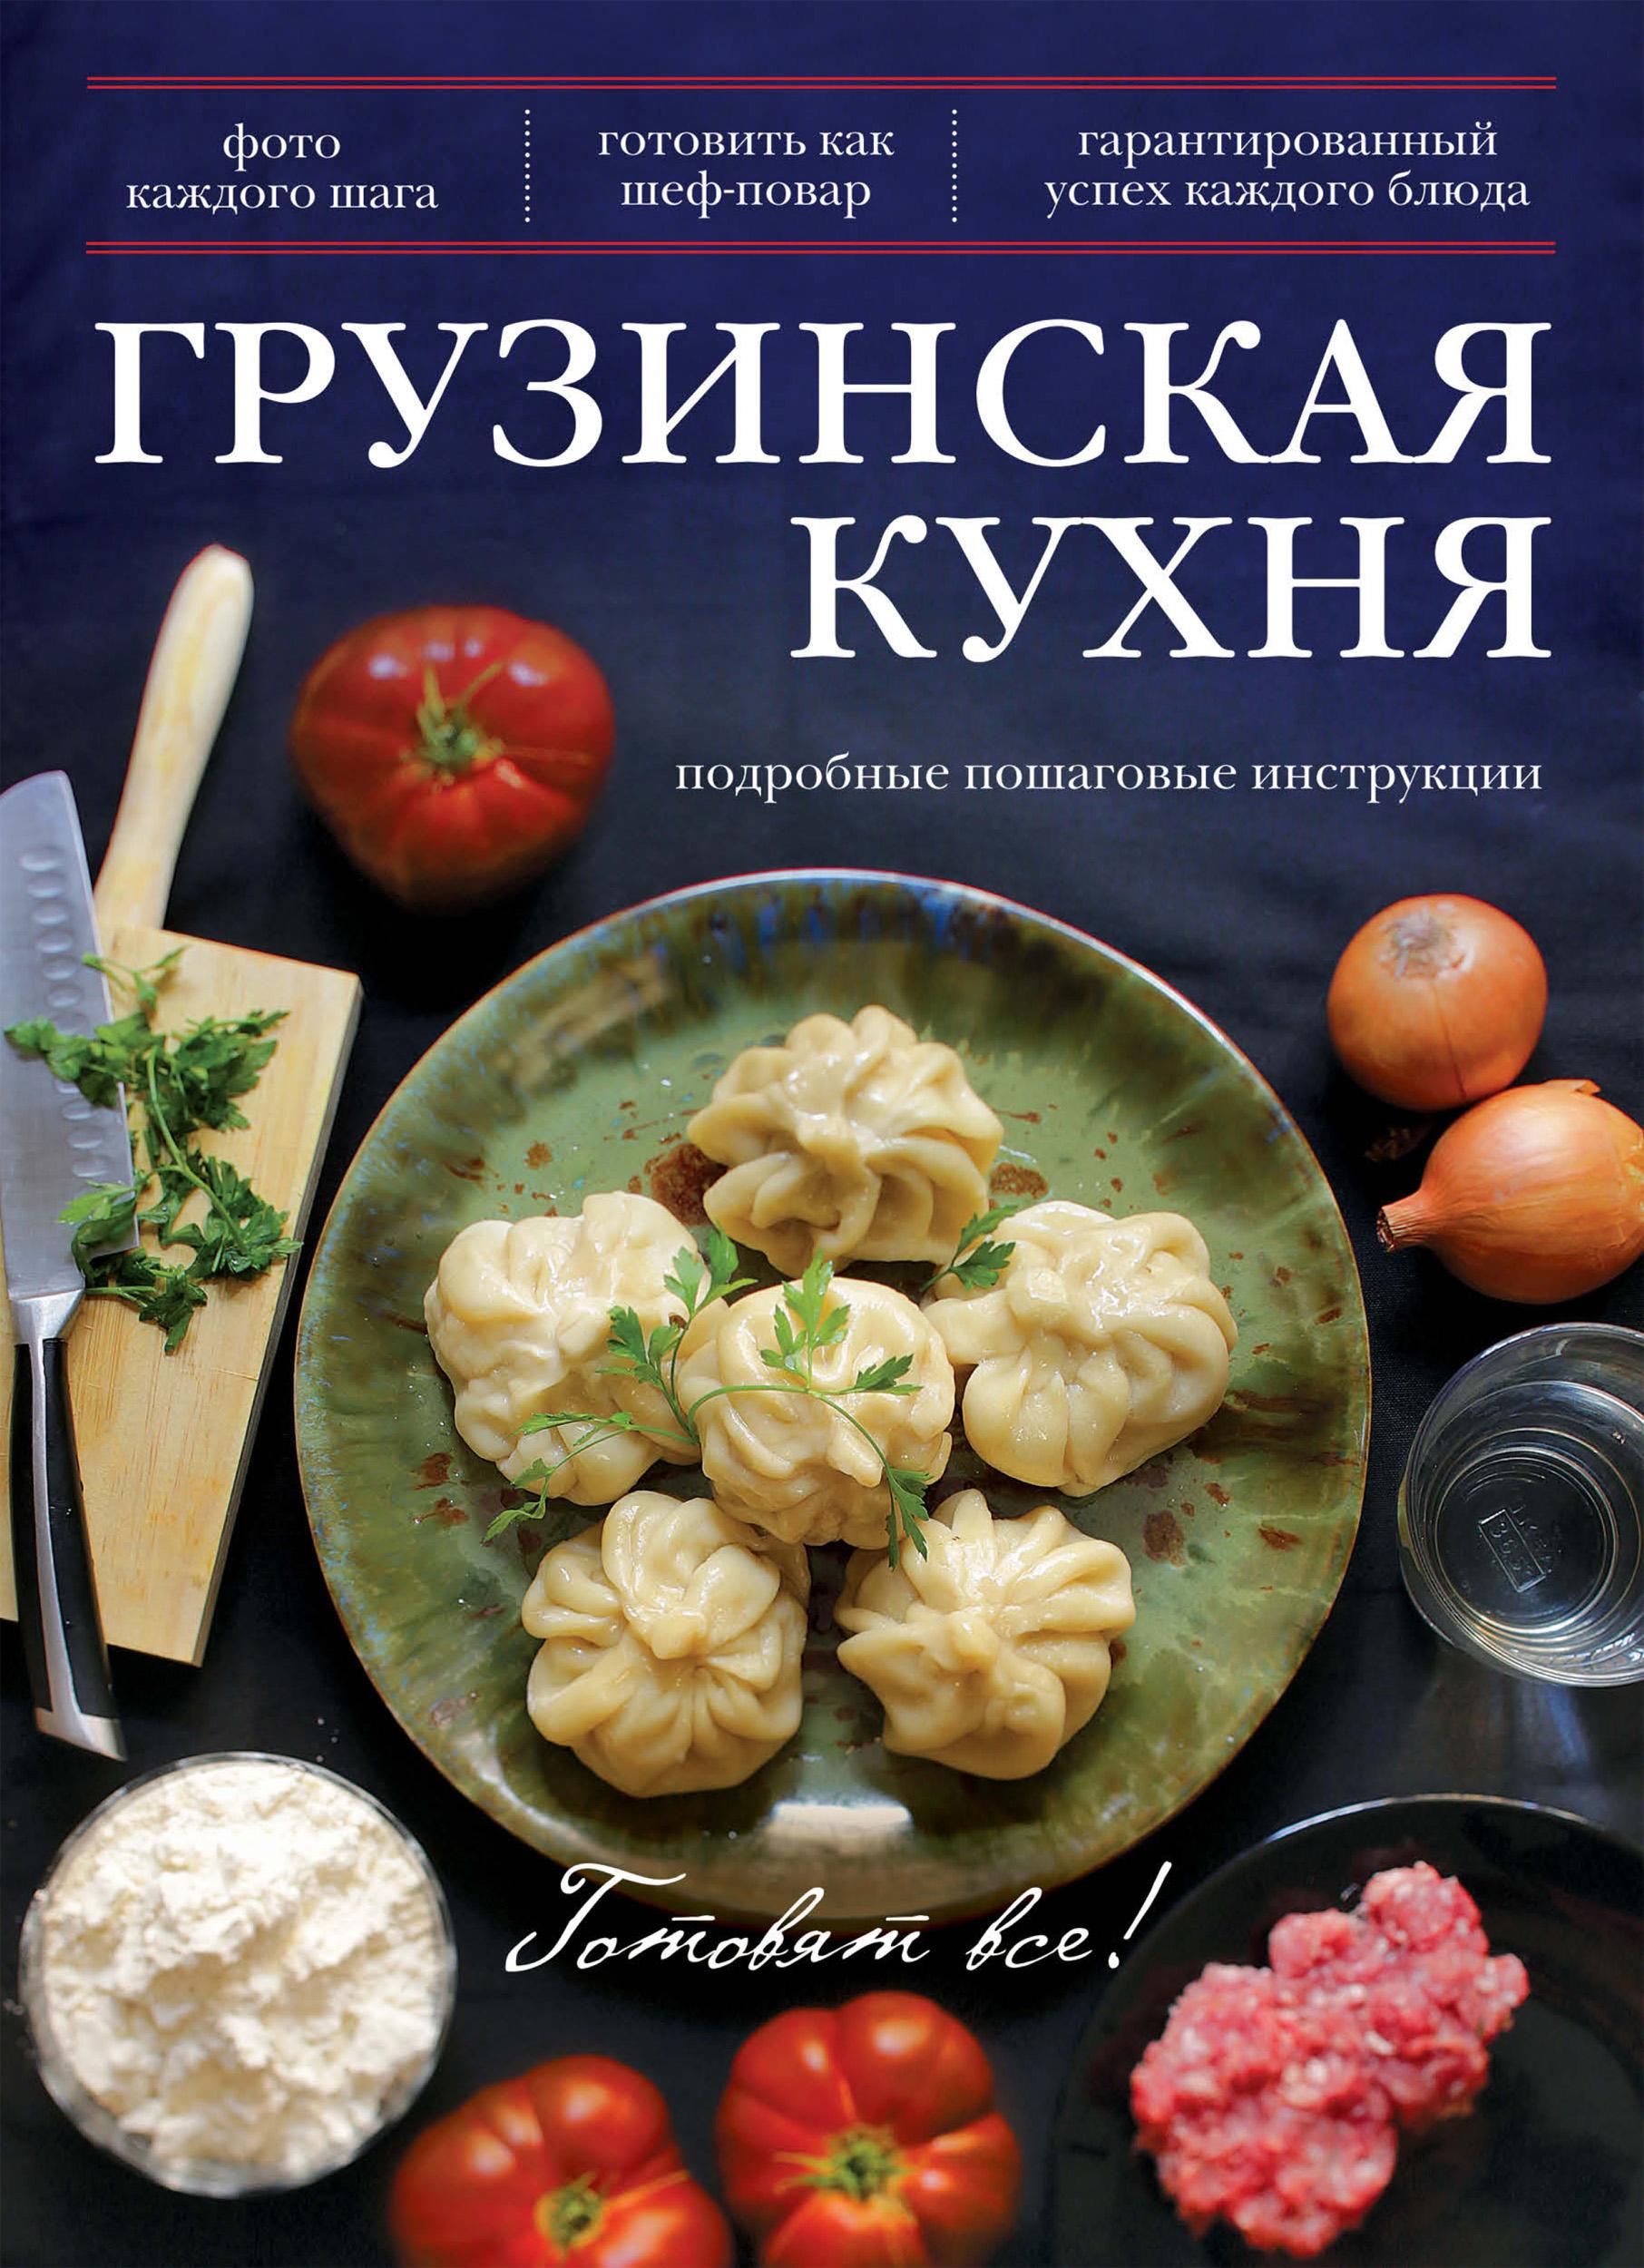 Отсутствует Грузинская кухня sokolov часы sokolov 222 01 00 001 02 01 3 коллекция magic